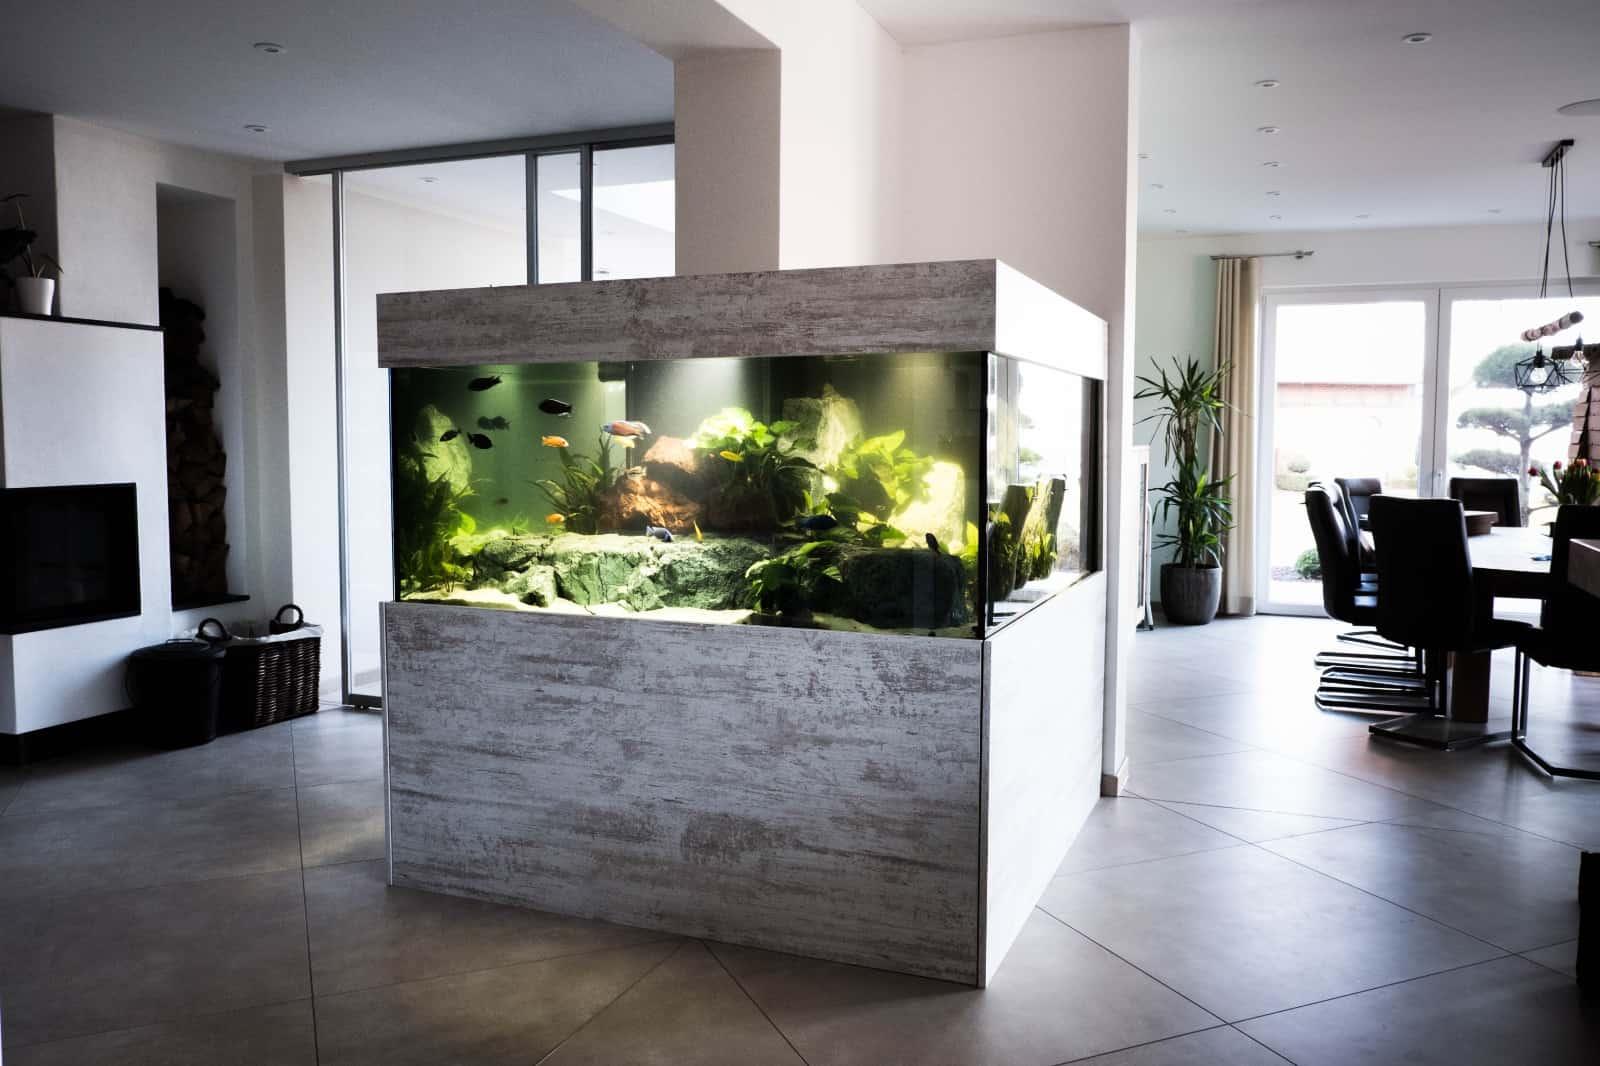 271: Wie wird ein Aquarium gebaut? - Was ist möglich und worauf man achten muss (Sylvio Pönisch) 8